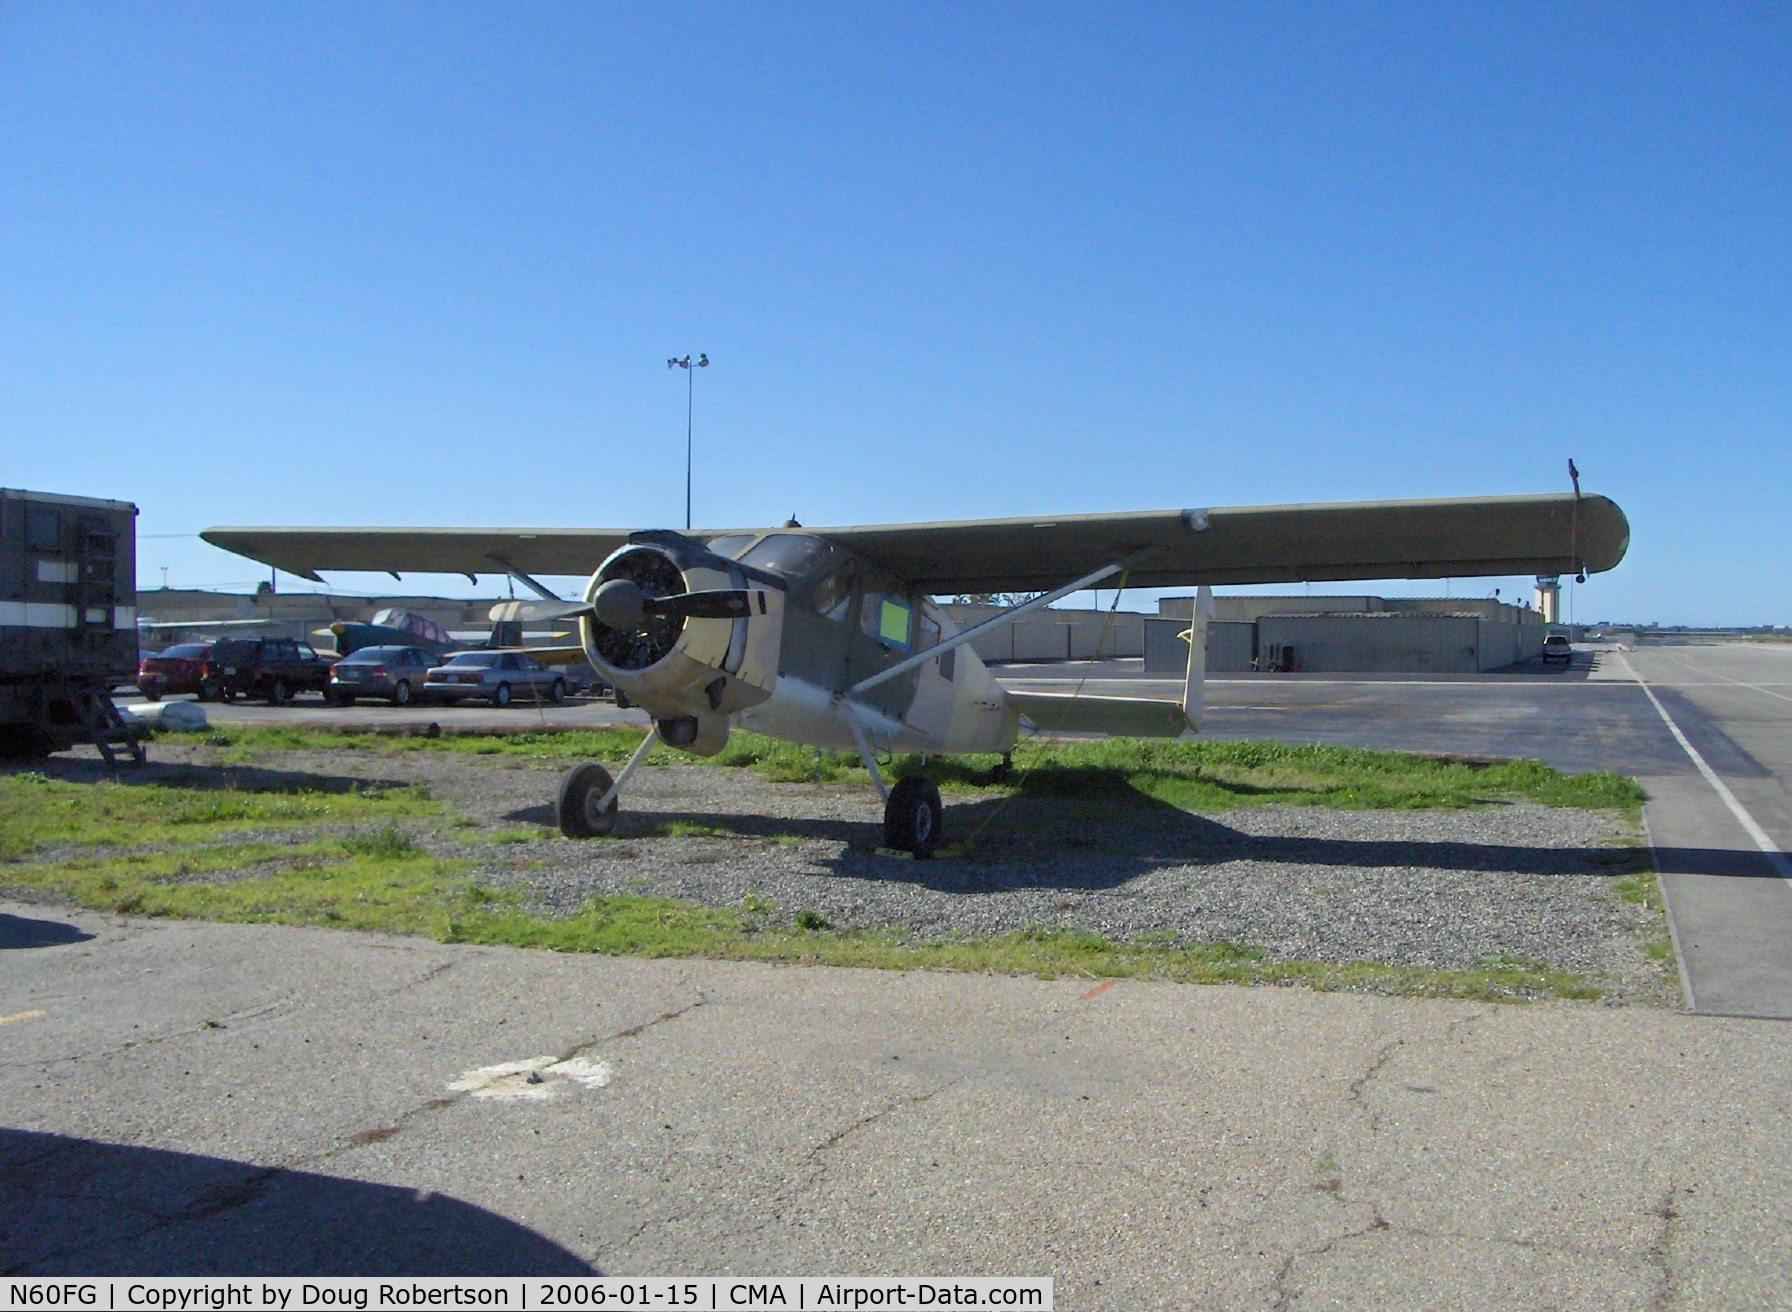 N60FG, Holste MH-1521M Broussard C/N 214, 0000 Max Holste M.H. 1521M BROUSSARD, P&W R-985-AN Wasp, 450 Hp, minus a flap, an aileron and its rudders